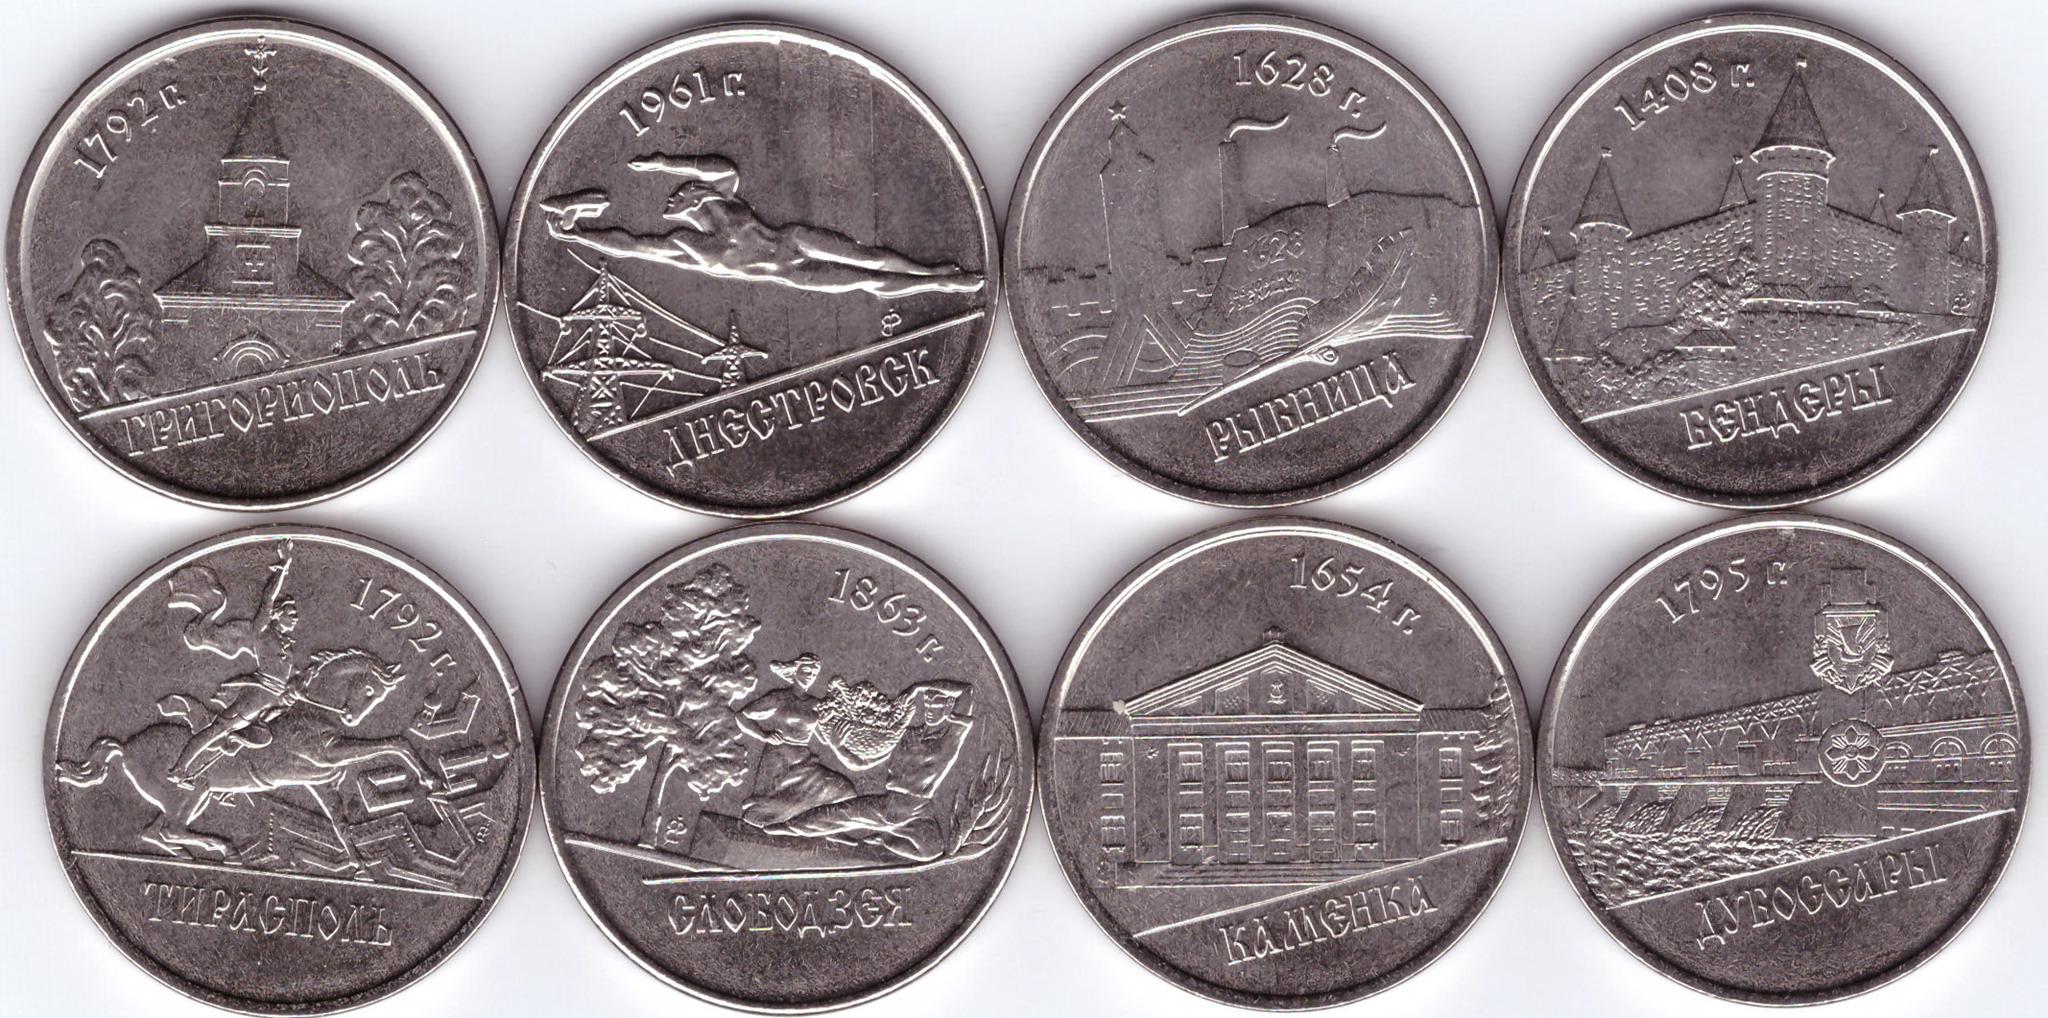 """Набор рублей """"Города Приднестровья"""", 8 монет. Приднестровье. 2014 год"""